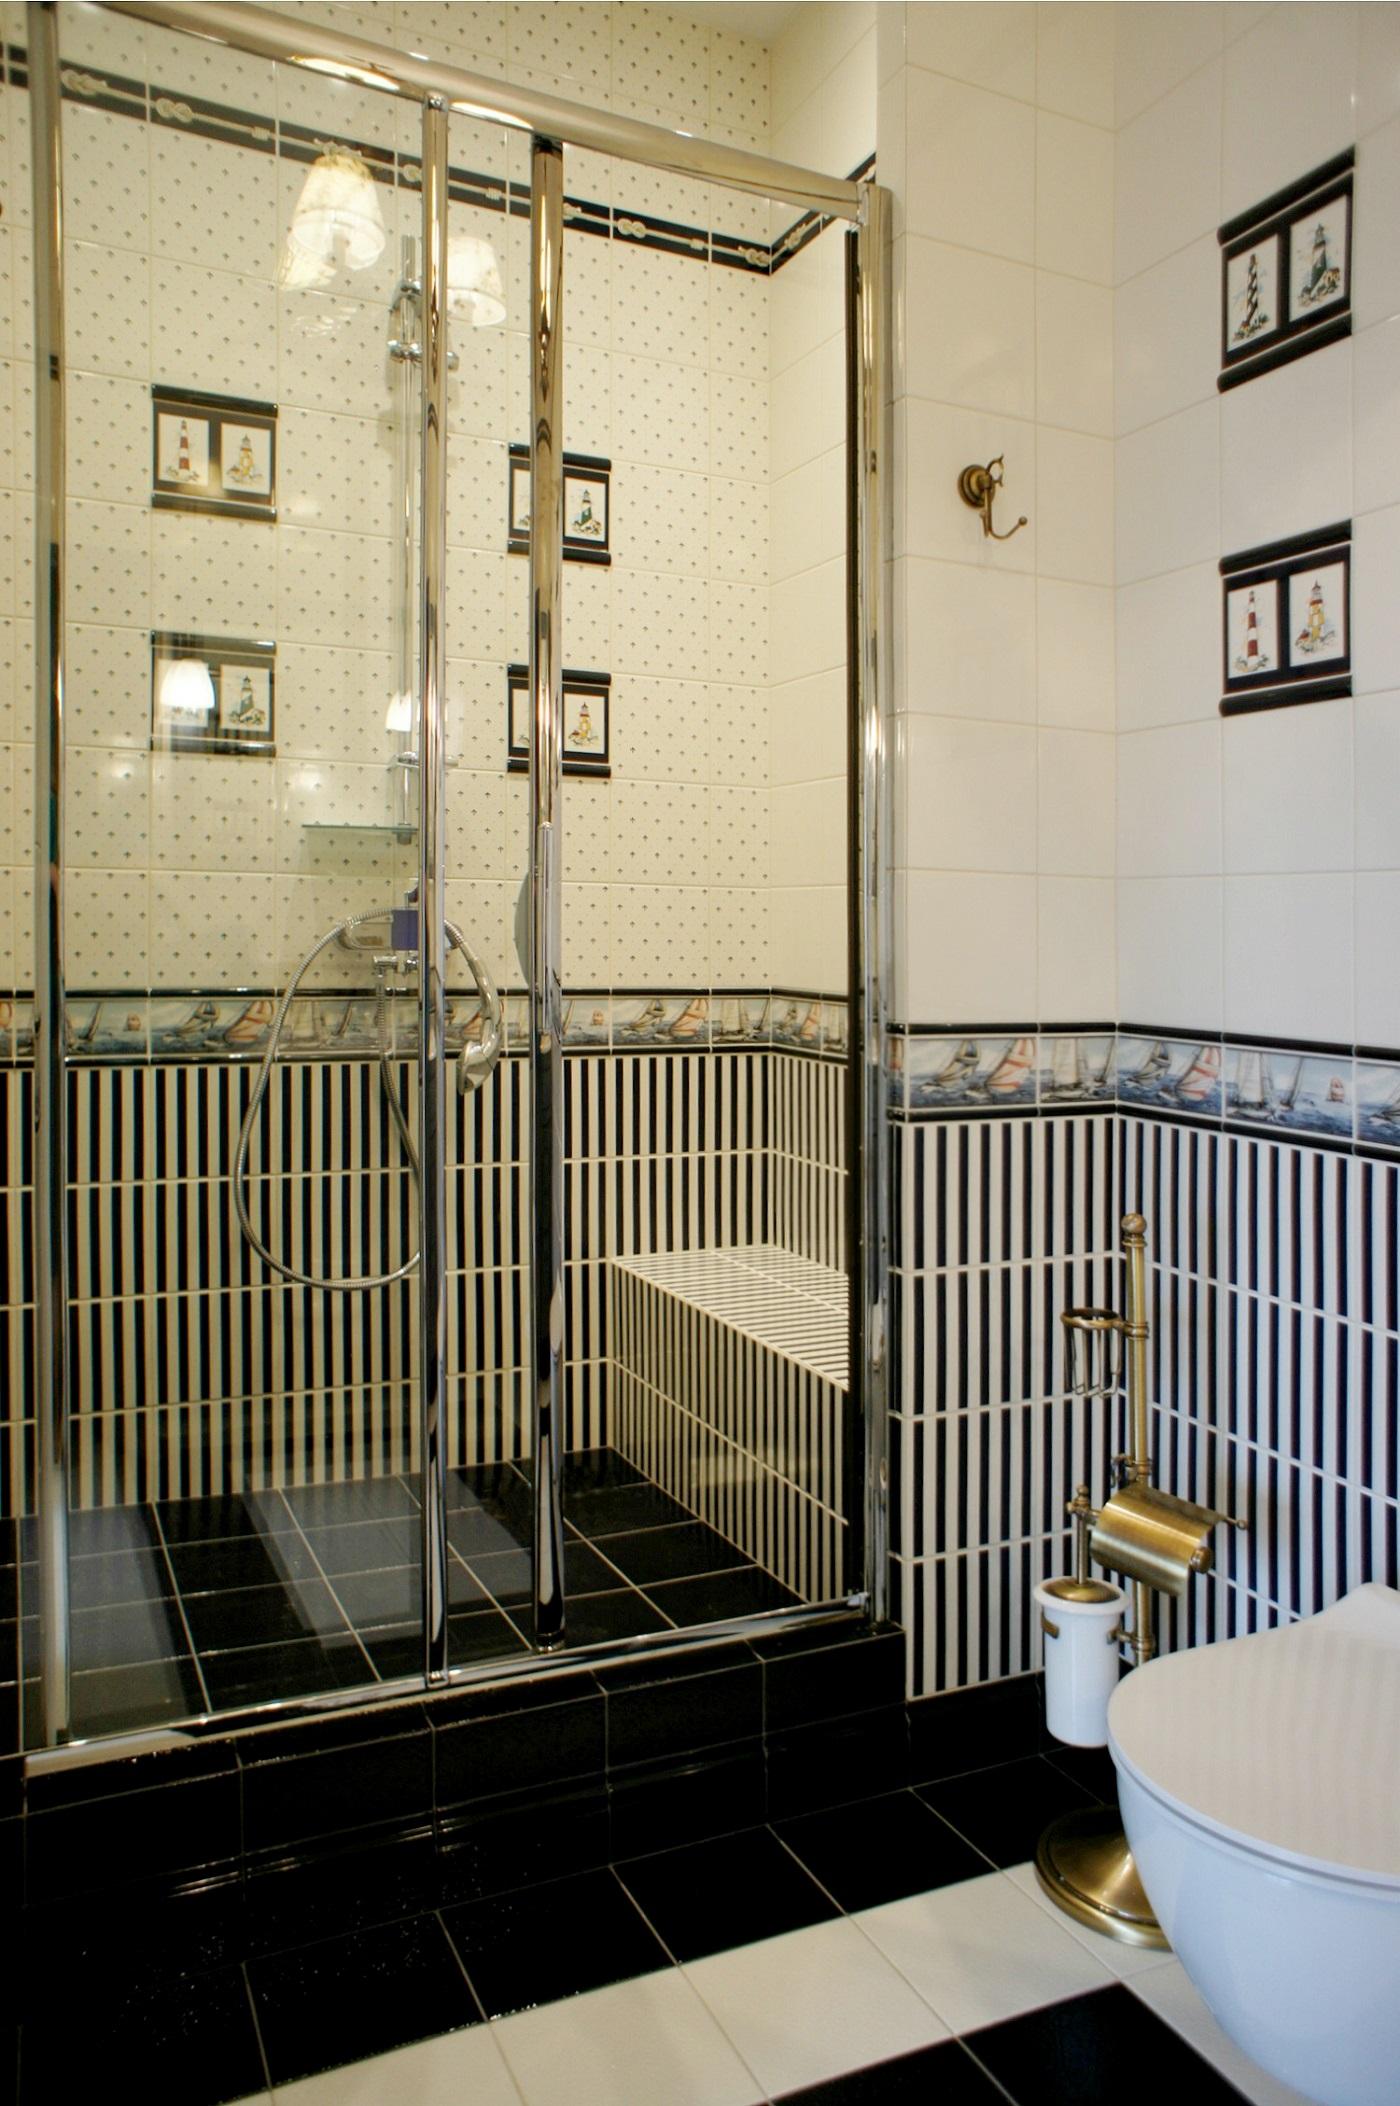 Komsomolsky-studiomay-bathroom-View-4-1